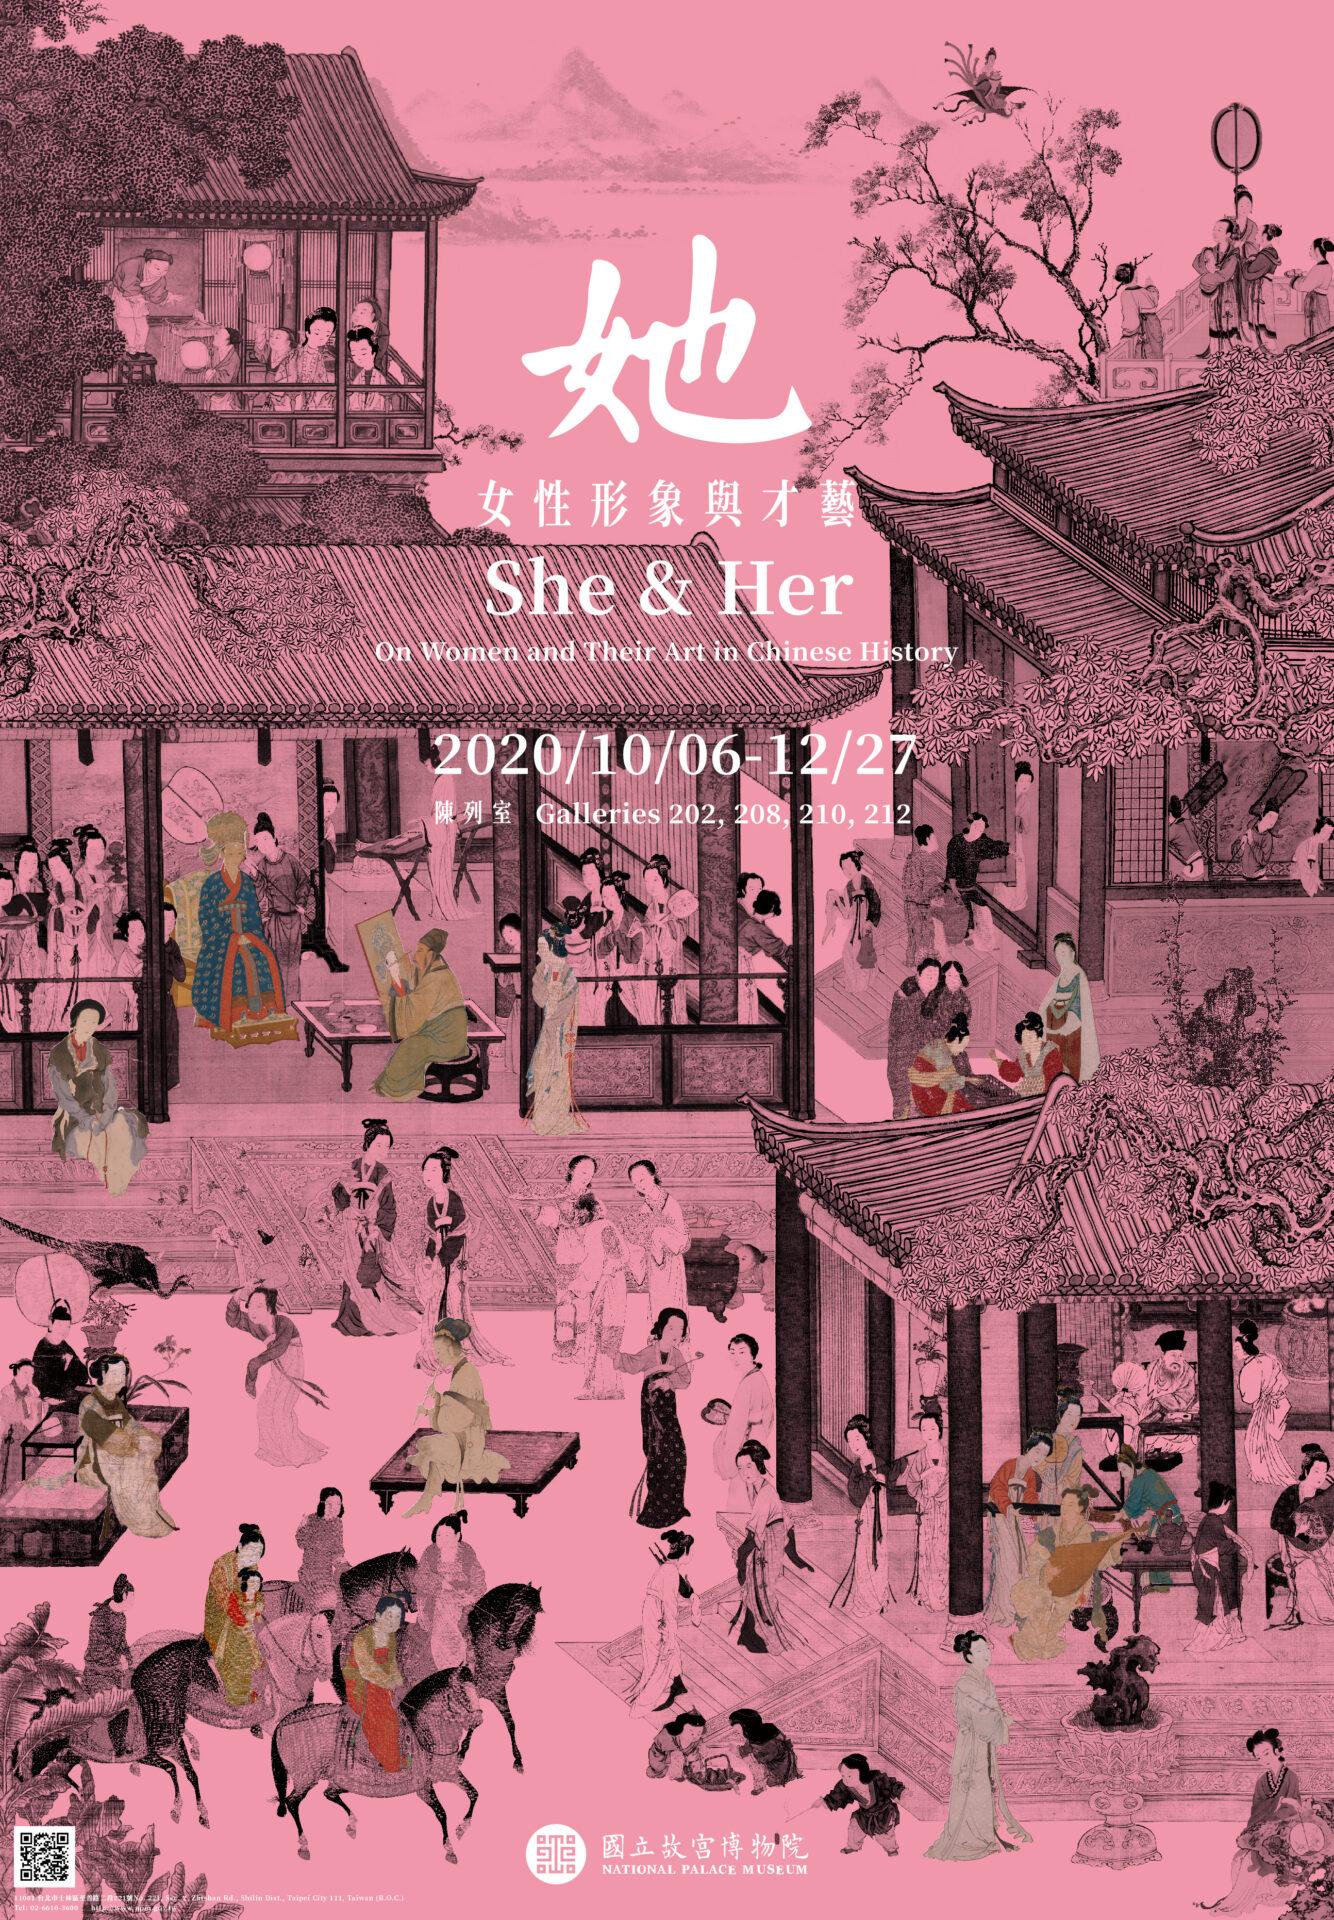 國立故宮博物院:2020/10/06-2020/12/27【她-女性形象與才藝 特展】